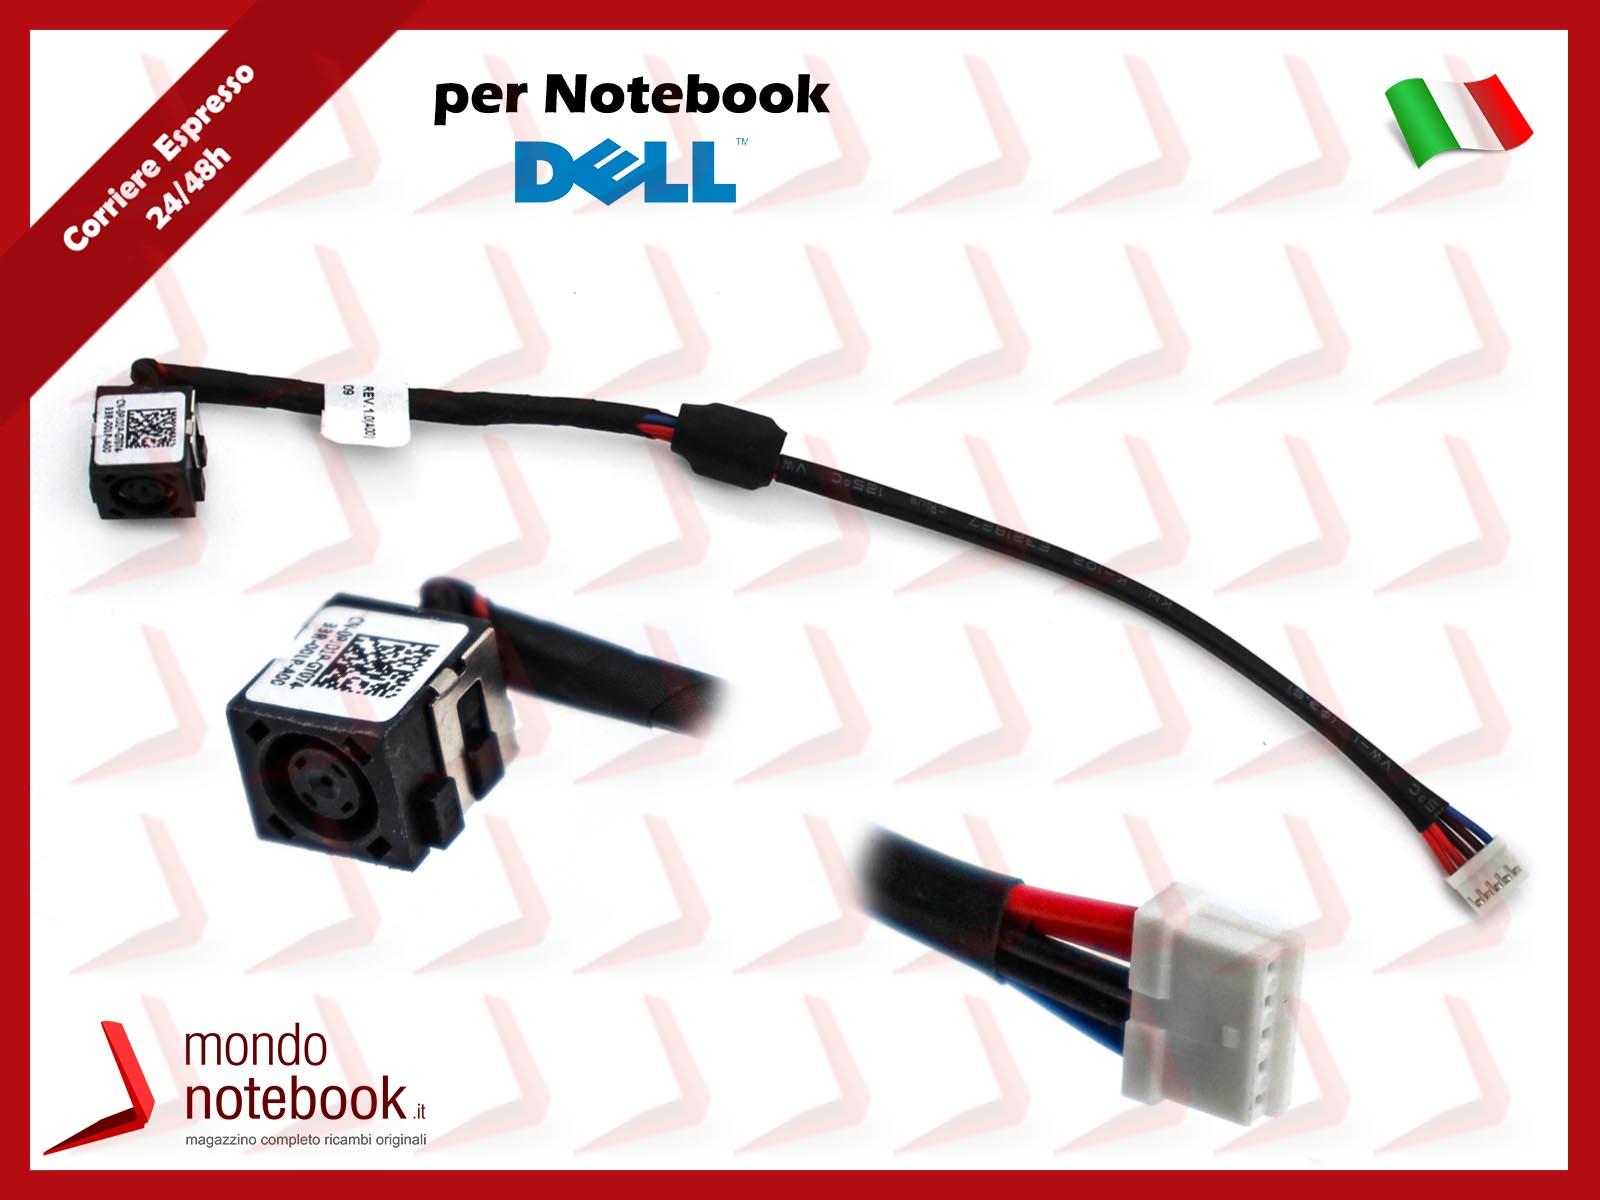 Connettore di alimentazione PJ816 per Notebook HP 250 G2 8 Pin 12 Cm